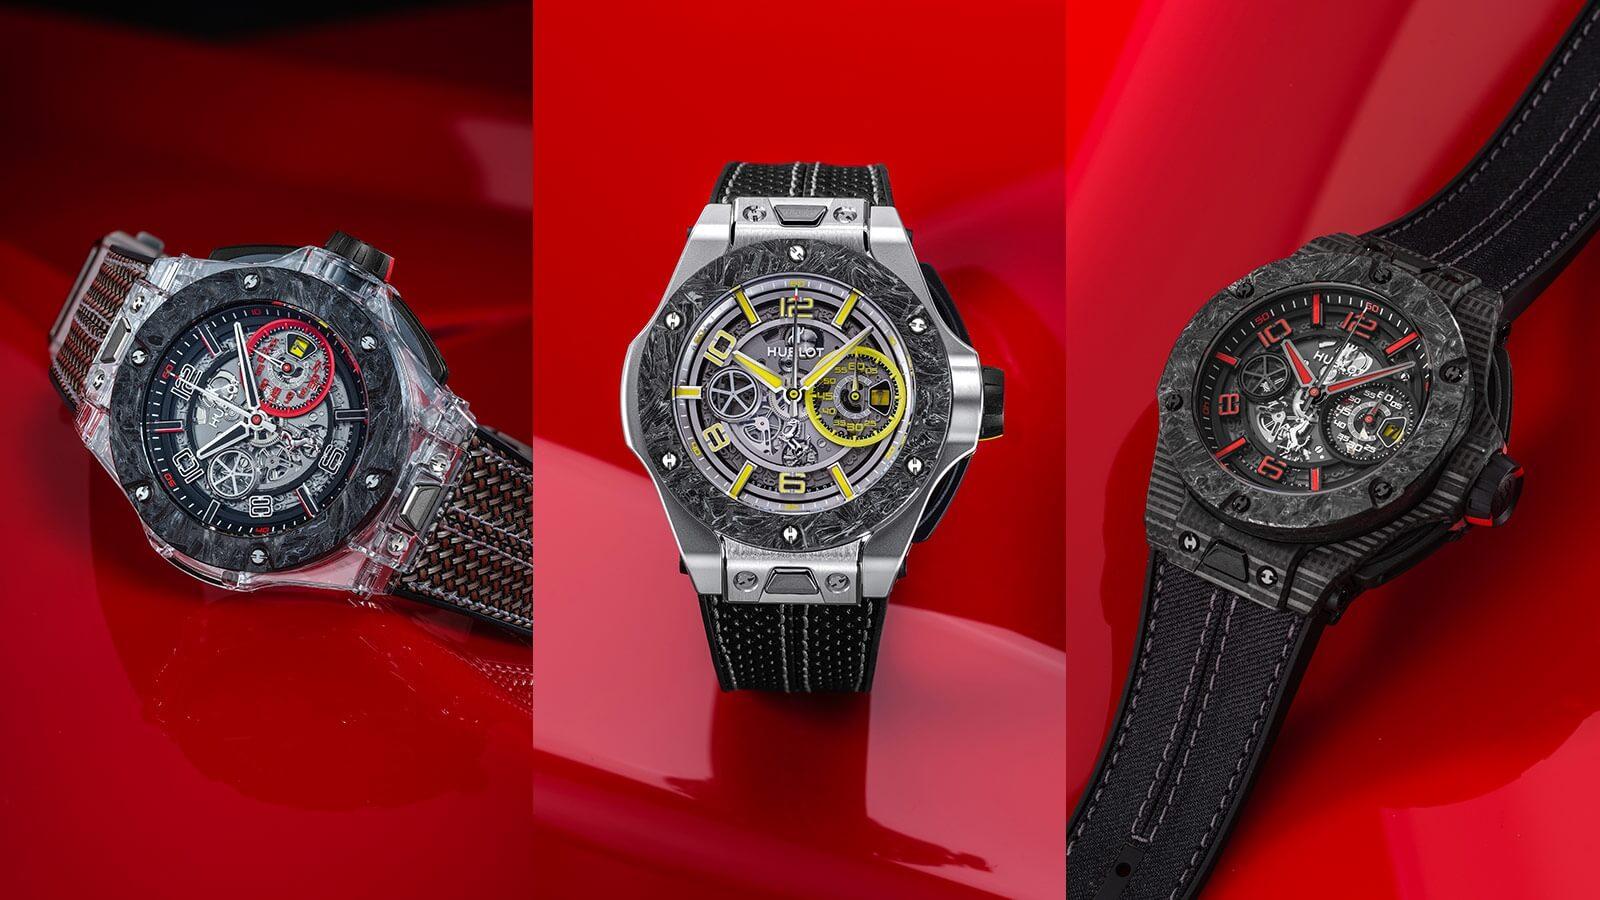 Hublot horloge: Iedere Hublot Big Bang Scuderia Ferarrari heeft een van de 3 team kleuren